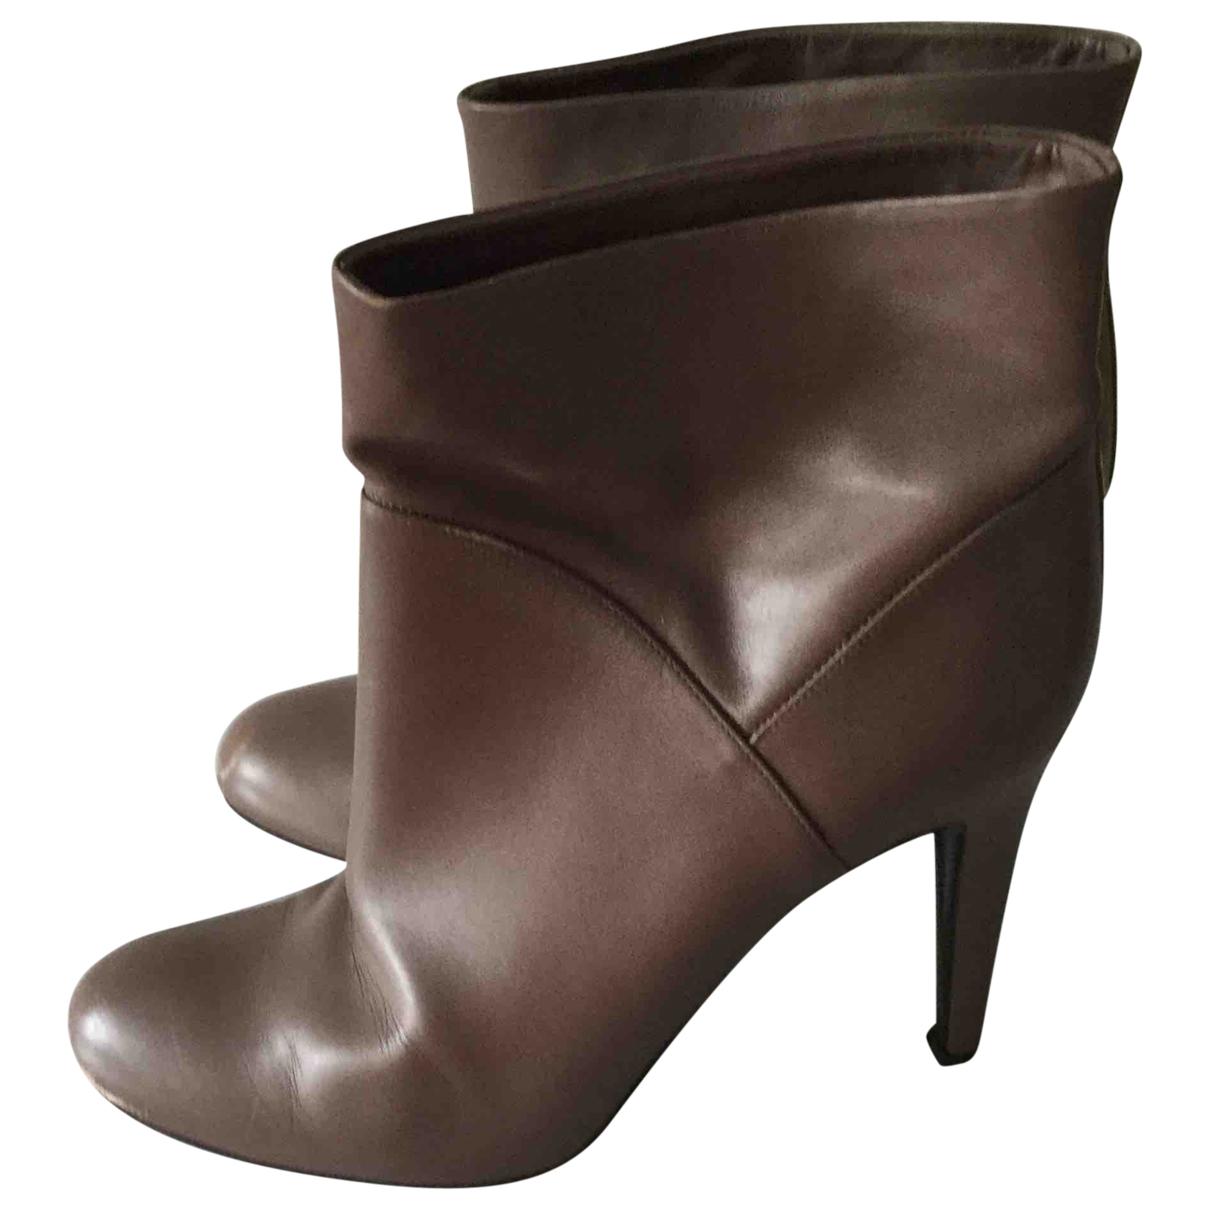 Bally - Bottes   pour femme en cuir - marron